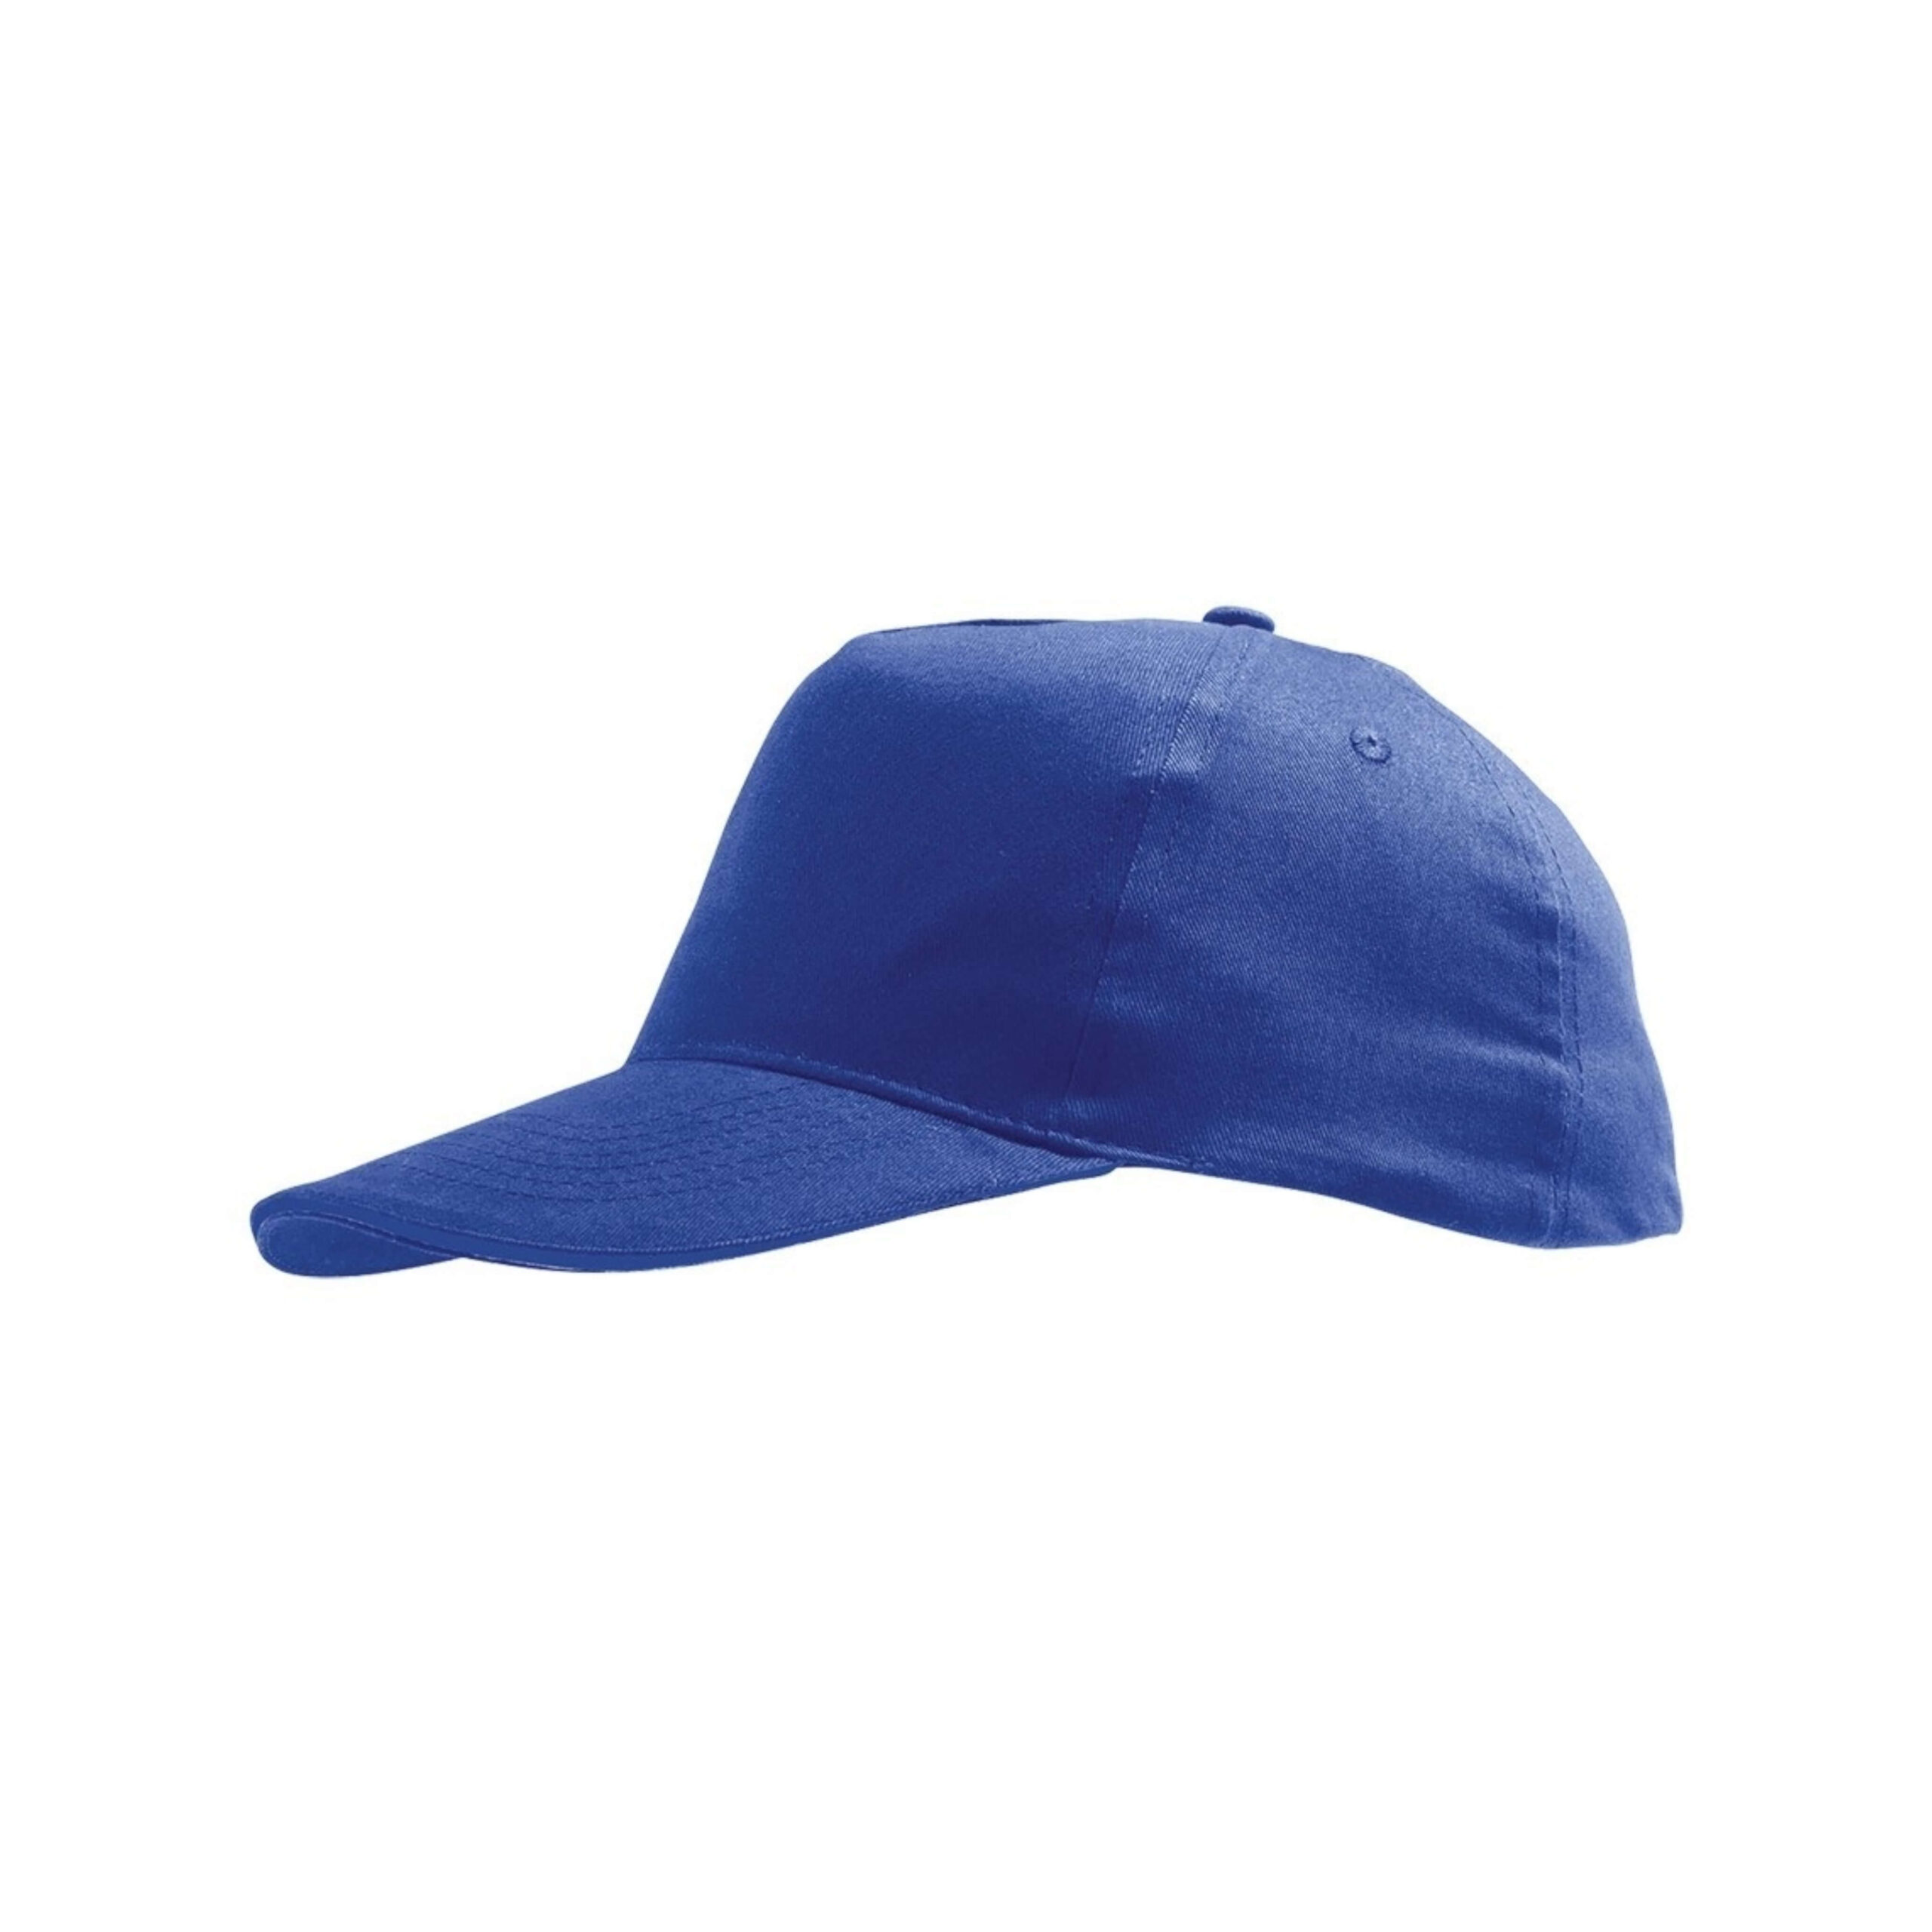 kids-jockey-hat-88111-6